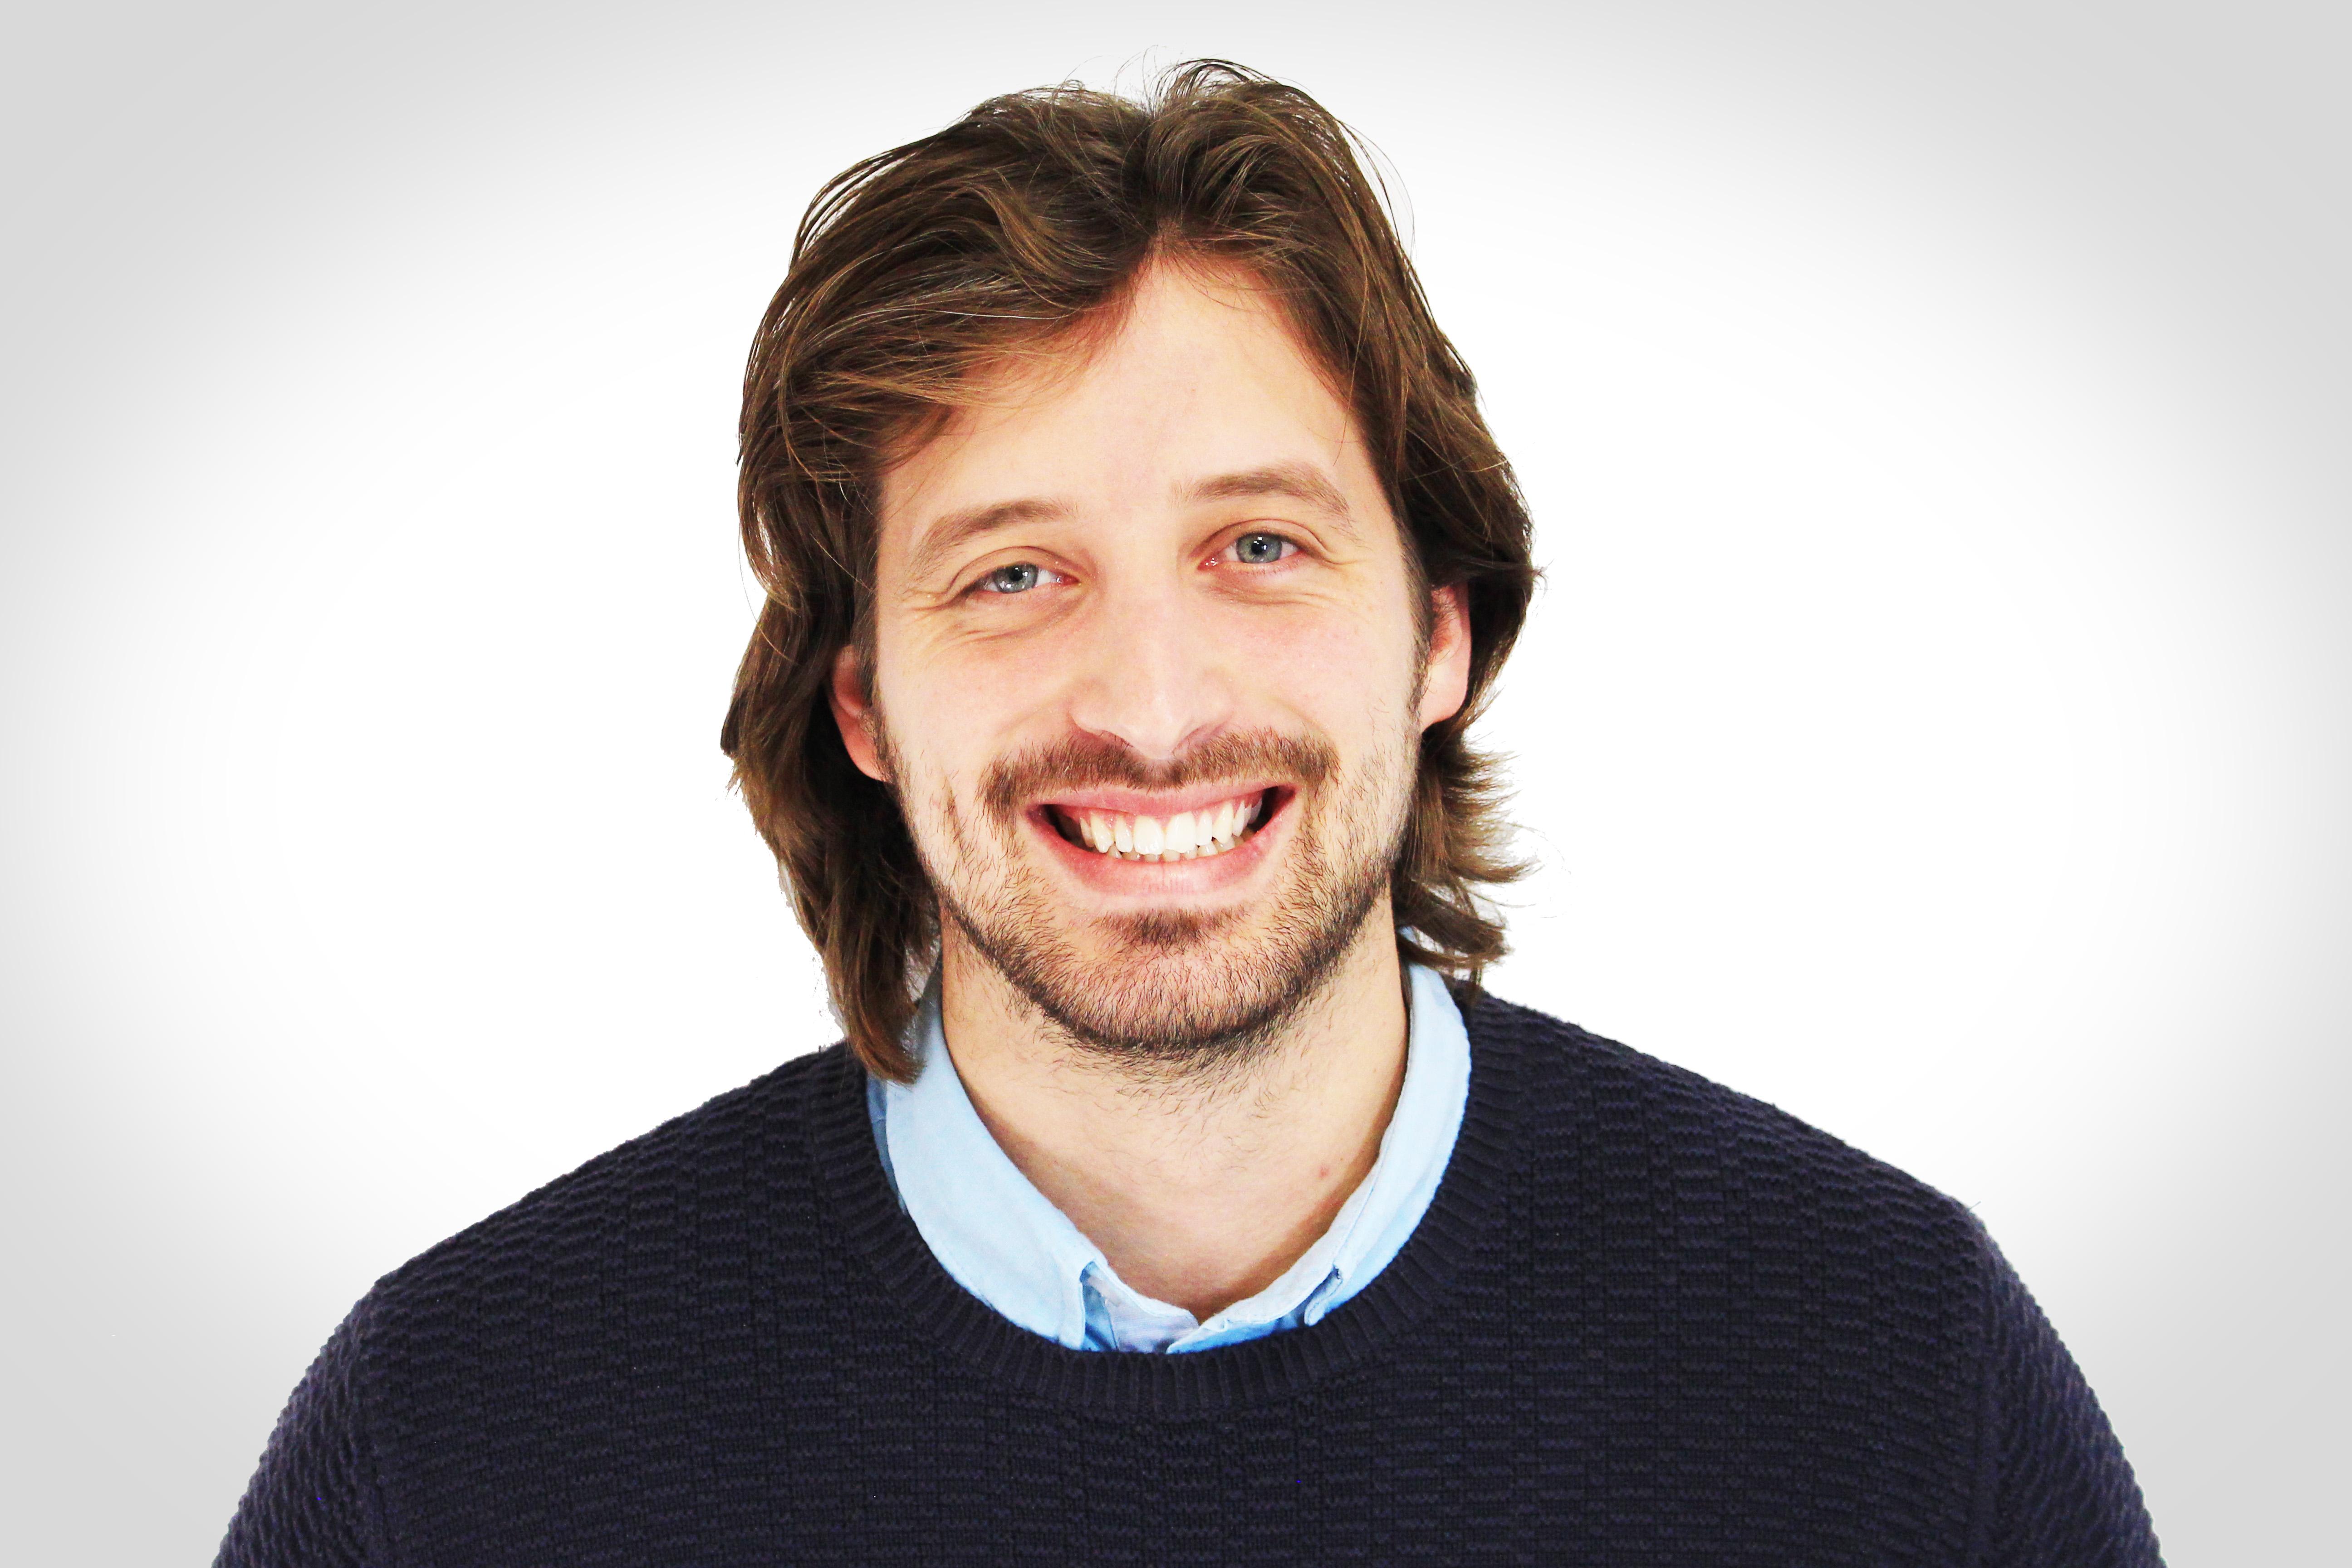 Juanma Laranjeira